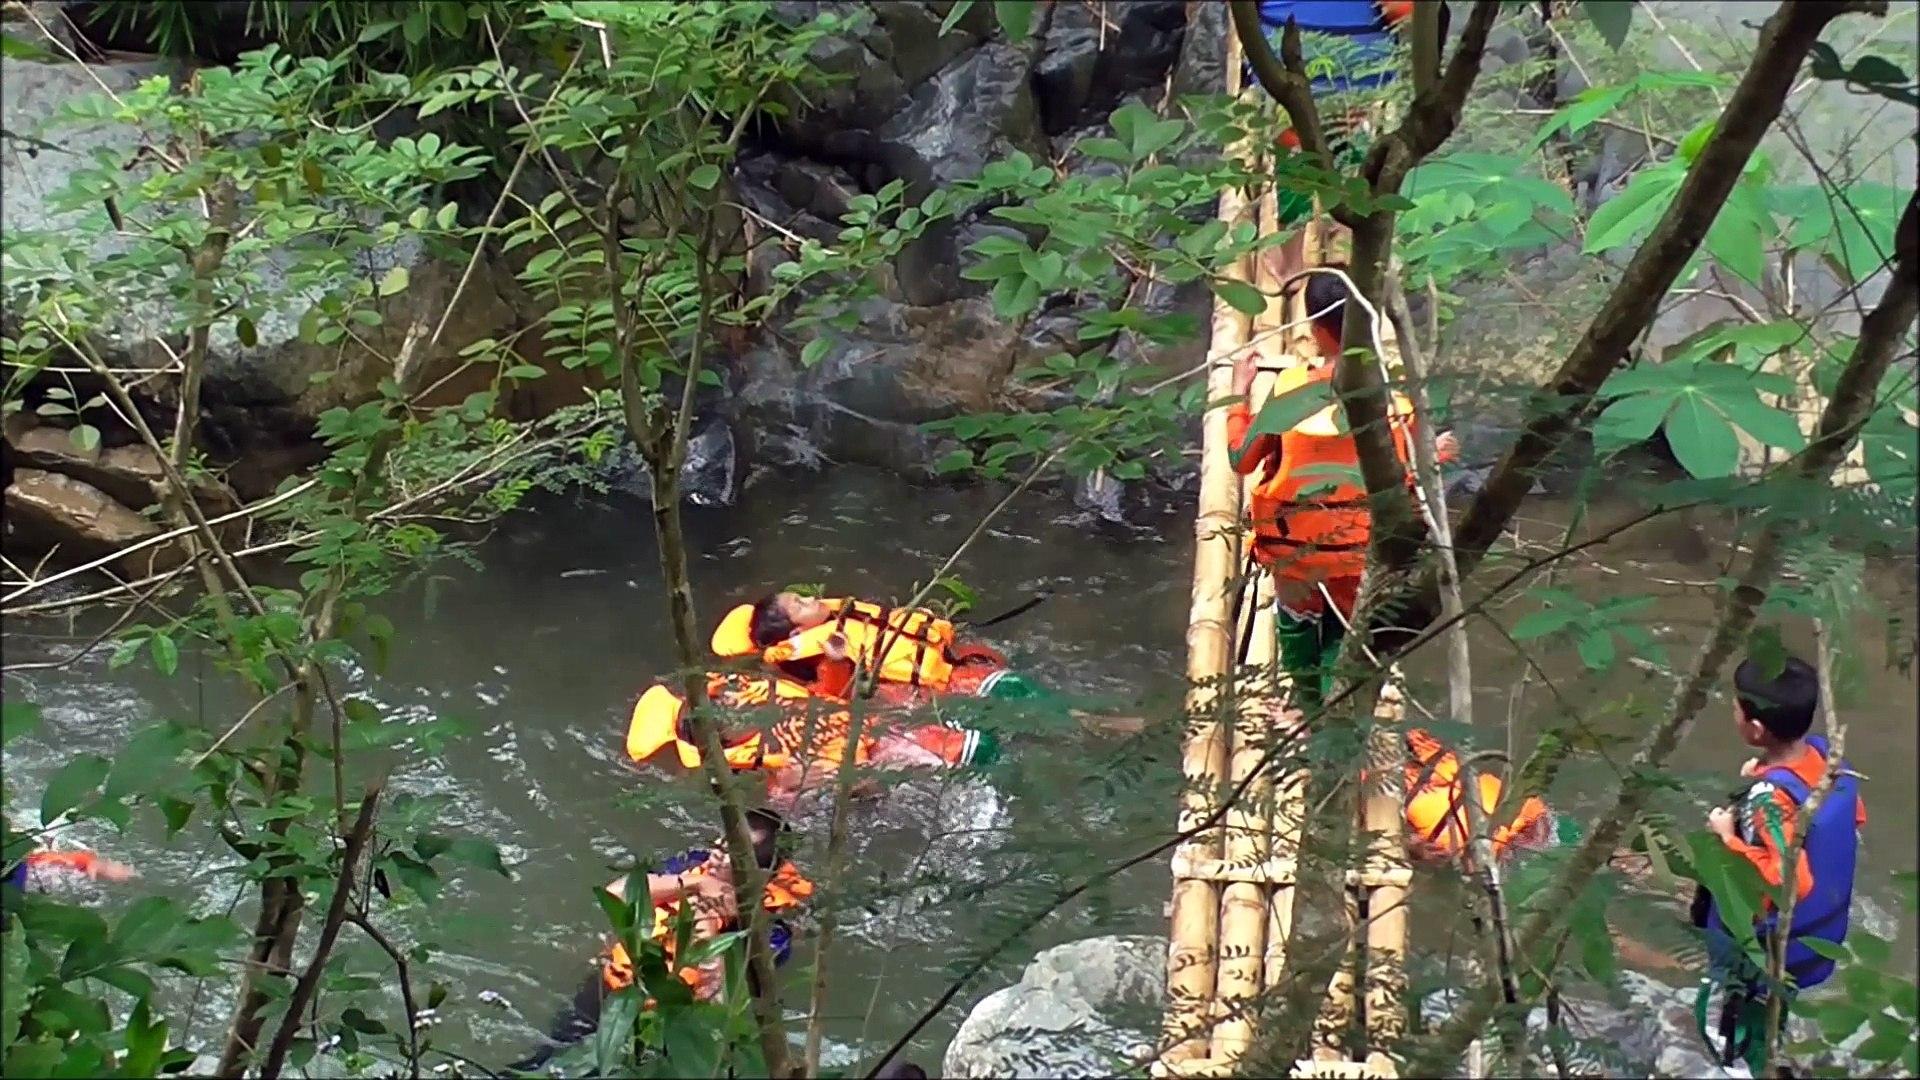 +19 Wisata Alam Taman Sidandang Kabupaten Purworejo Jawa Tengah